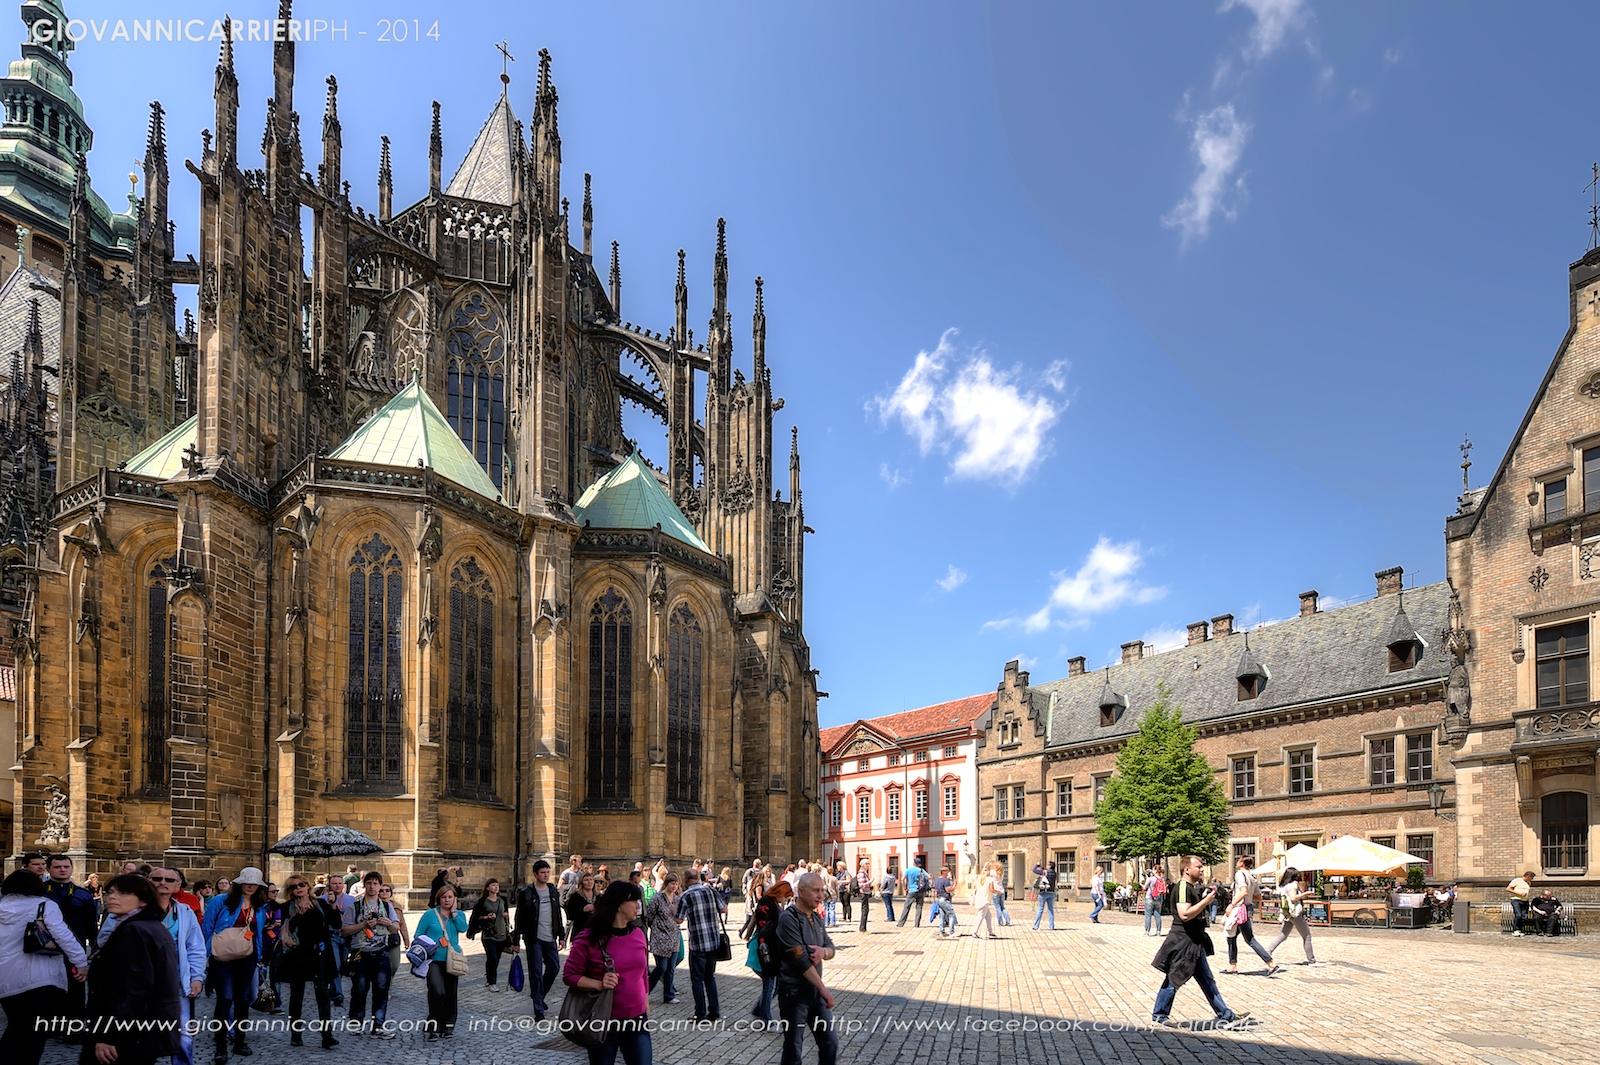 La Cattedrale di San Vito - Praga